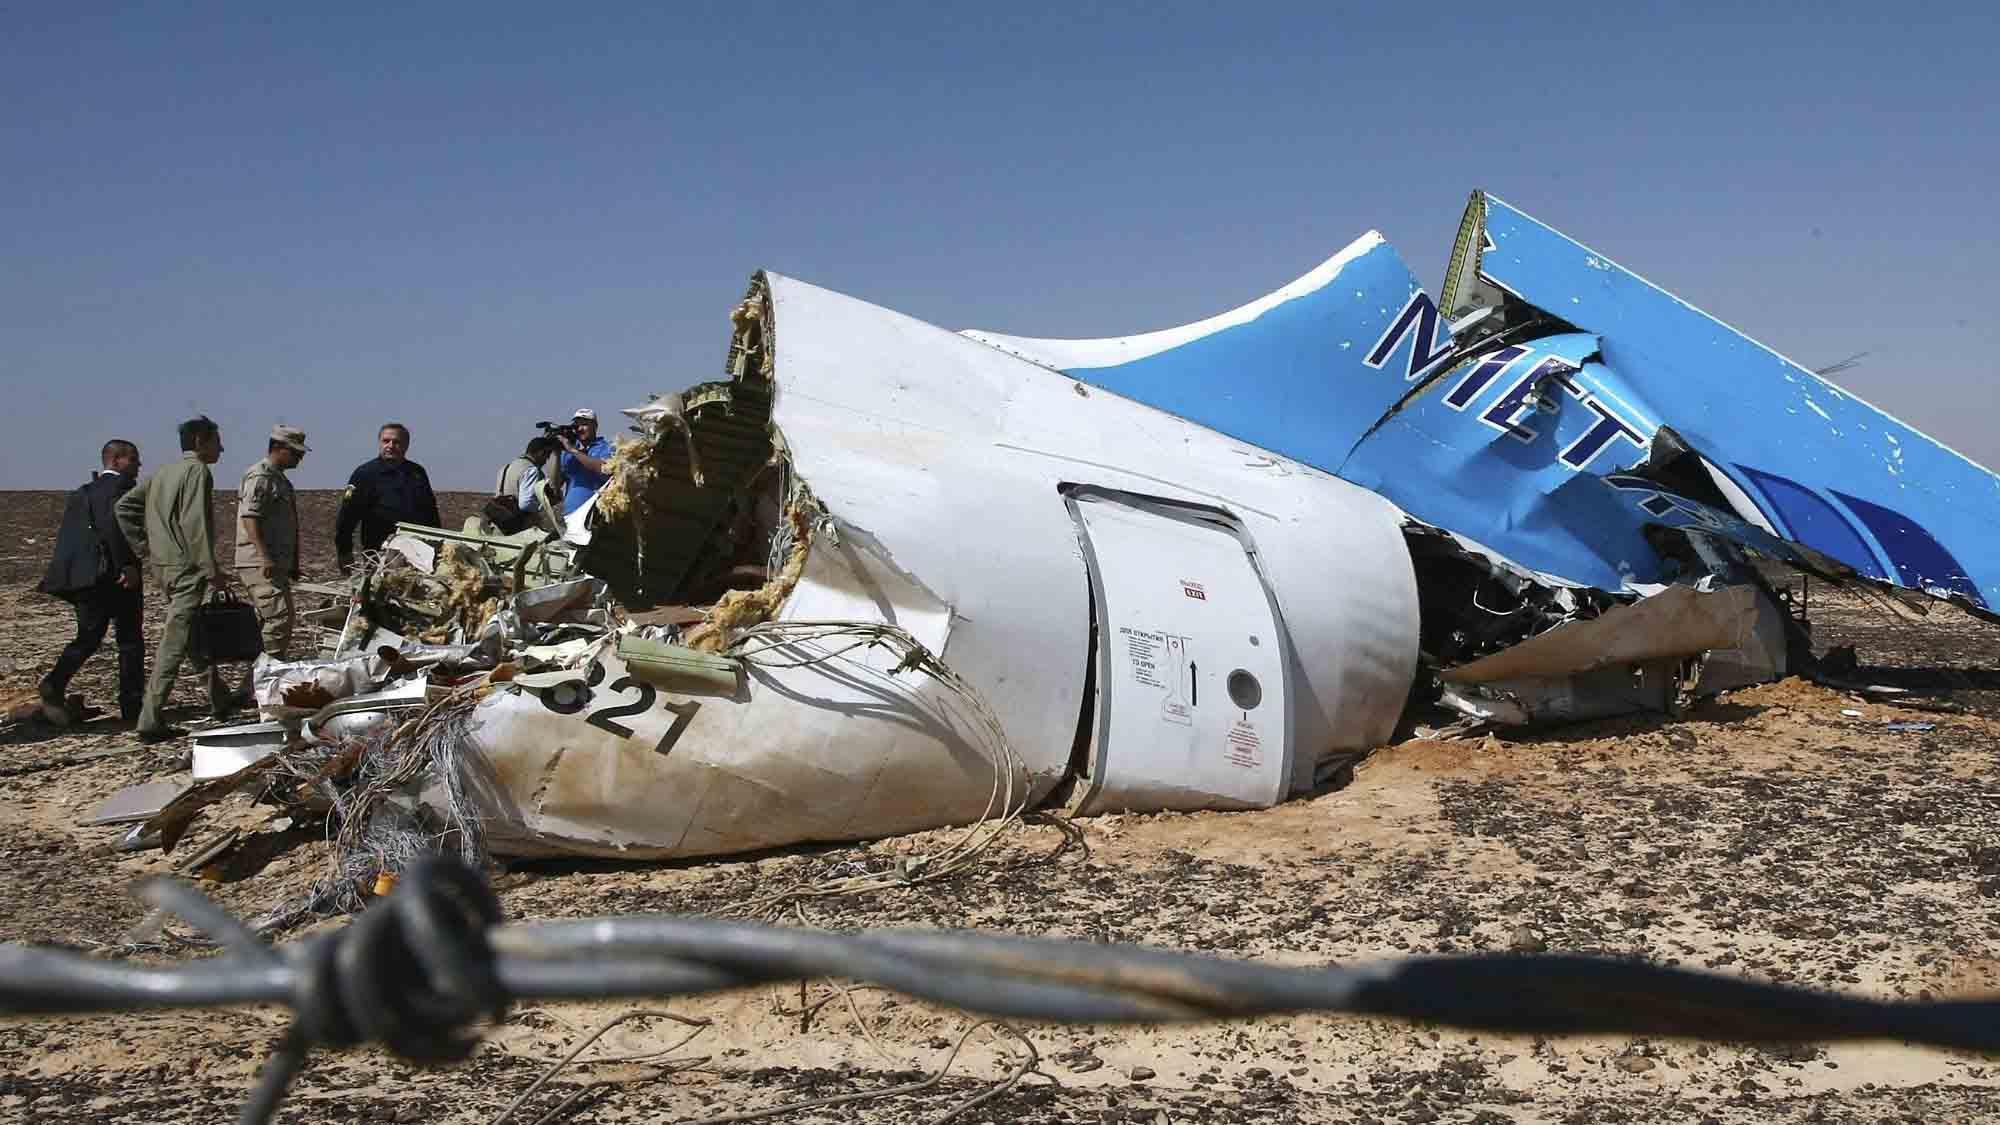 La aeronave, tipo USMC KC-130, cayó a 130 kilómetros de Jackson, la capital del estado de Mississippi